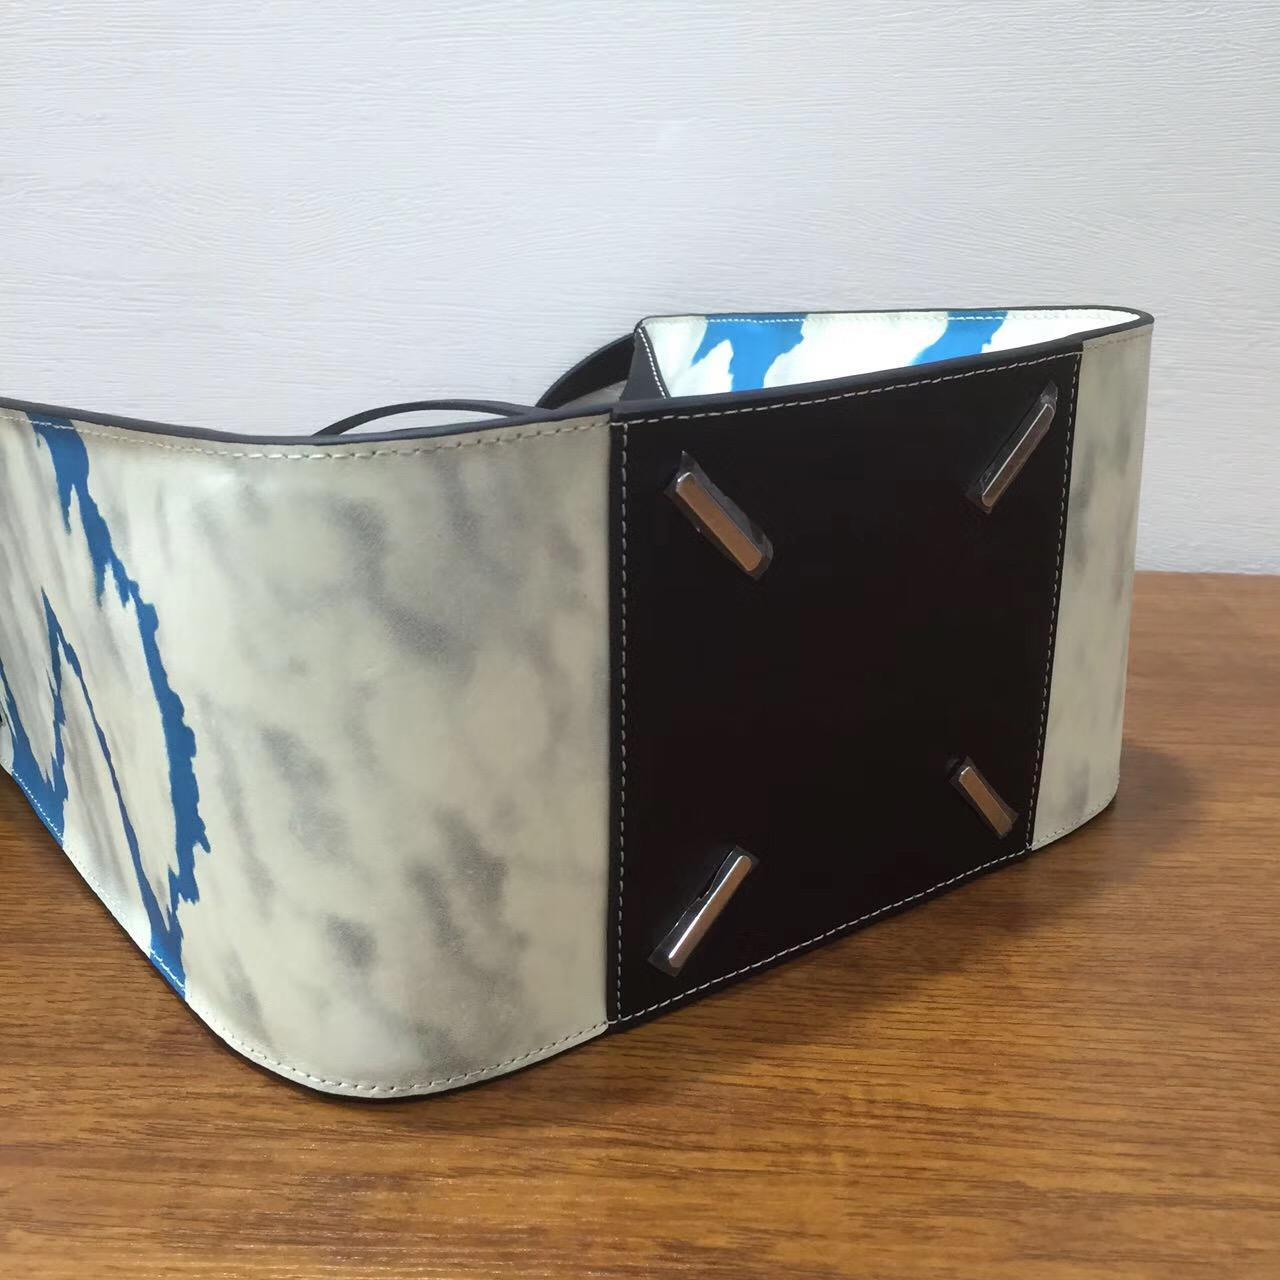 2017新款Loewe羅意威小號Hammock Bag藍天白雲圖專櫃限量版